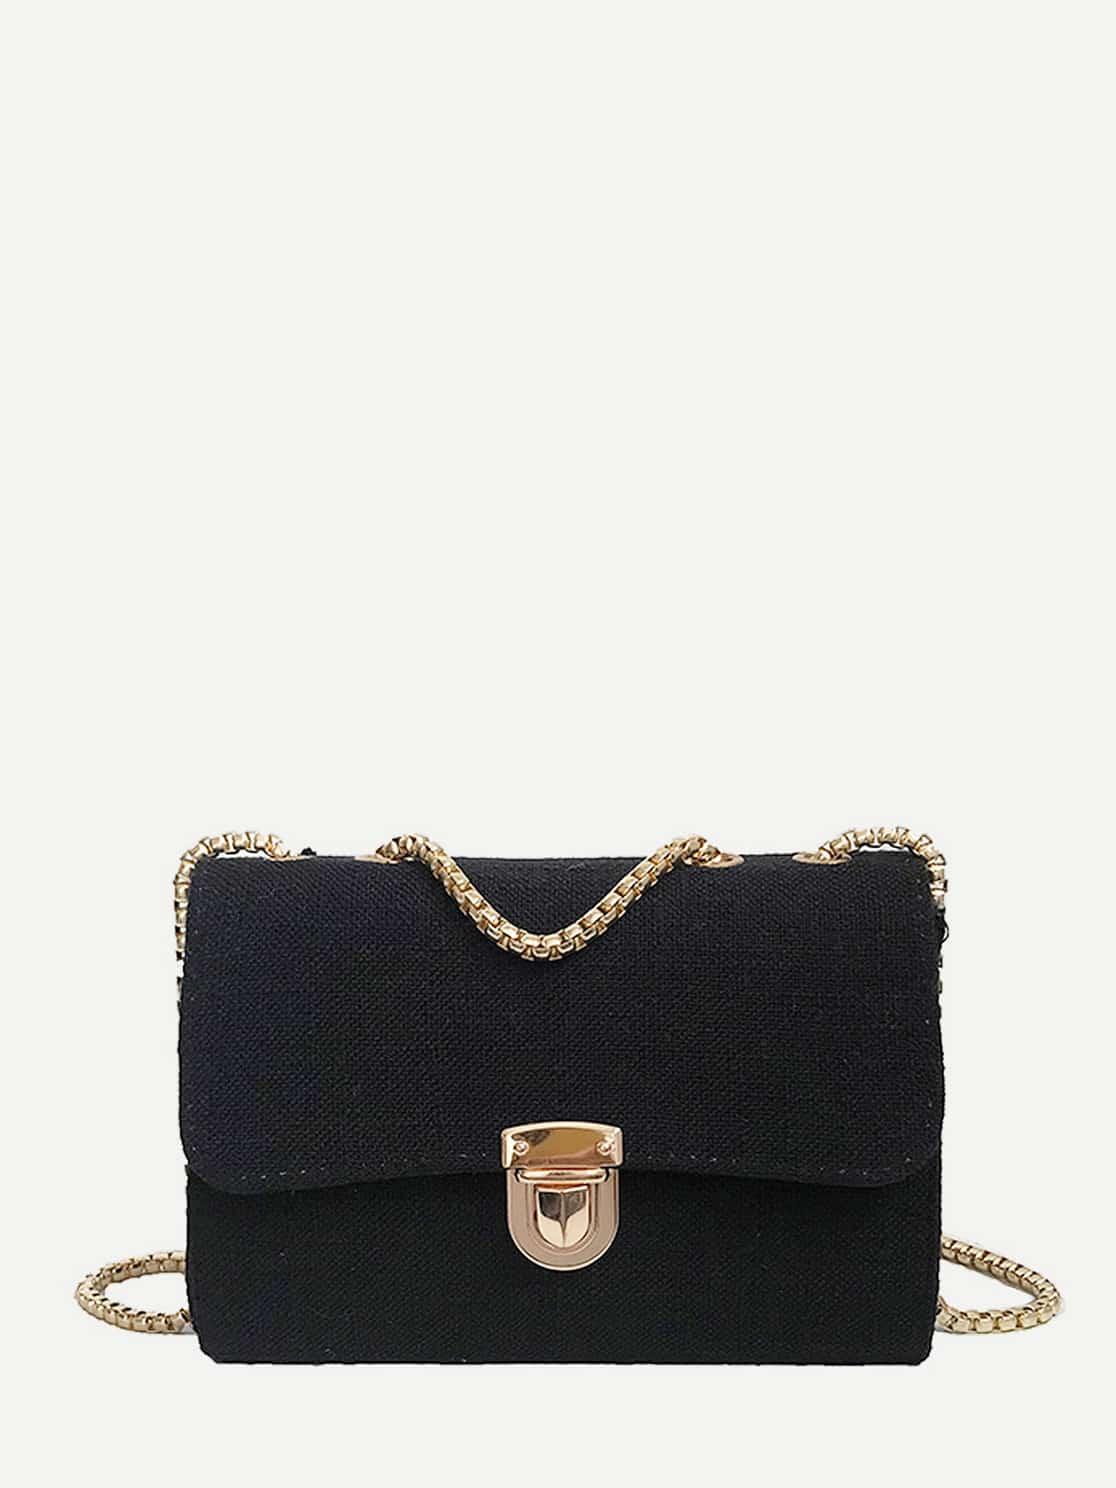 Push Lock Detail Chain Bag